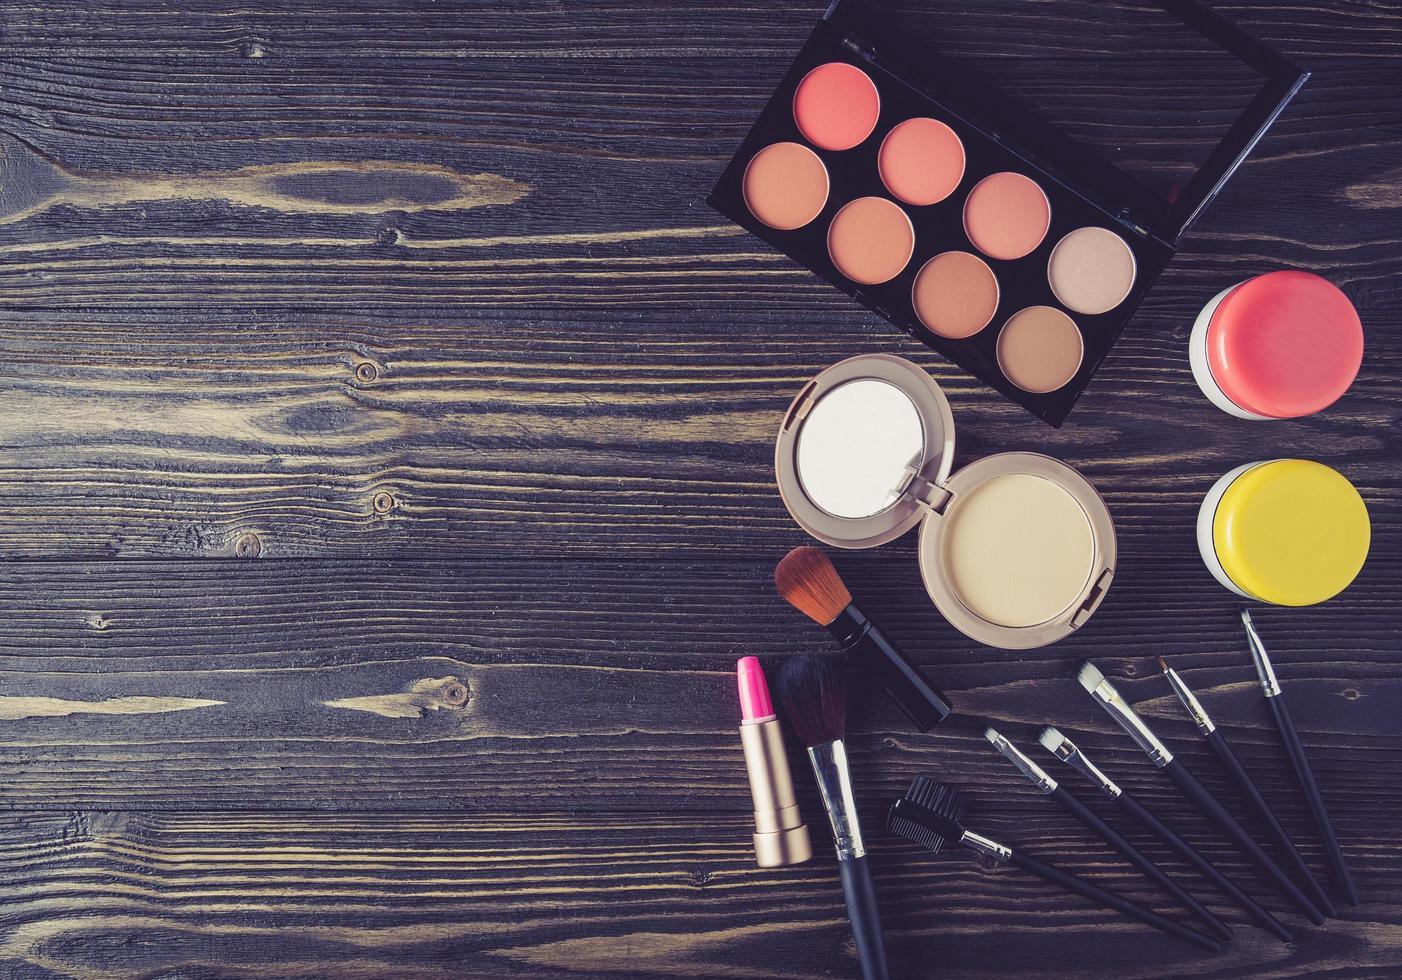 maquillage sur une surface en bois photo